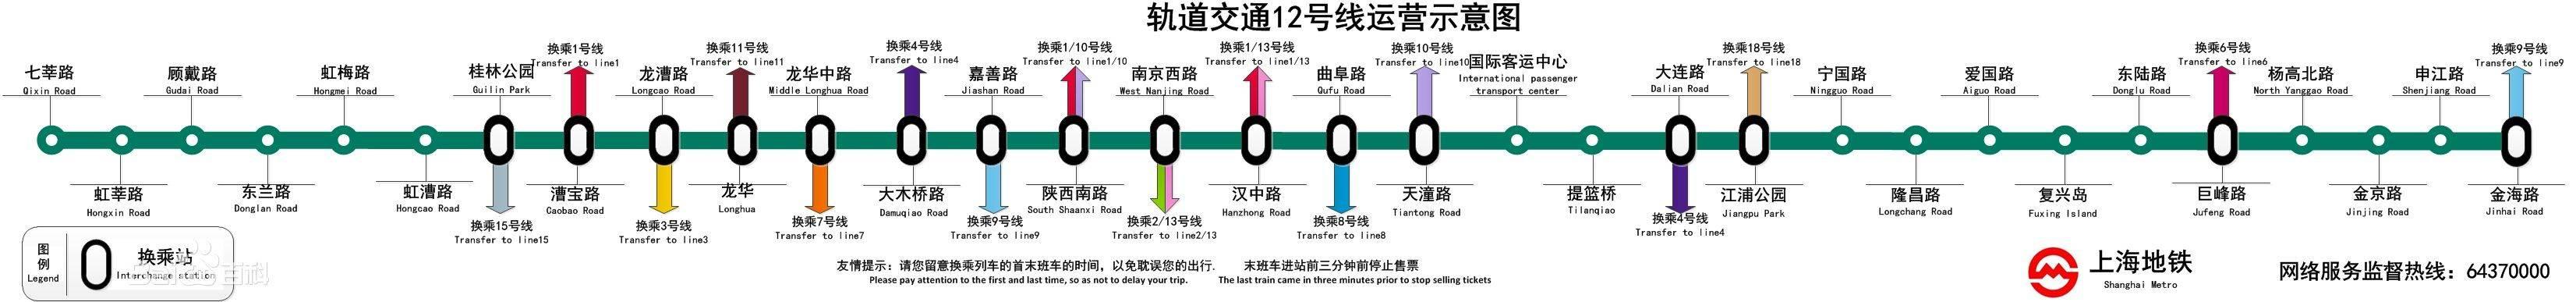 上海地铁12号线最新线路图及途经站点图片